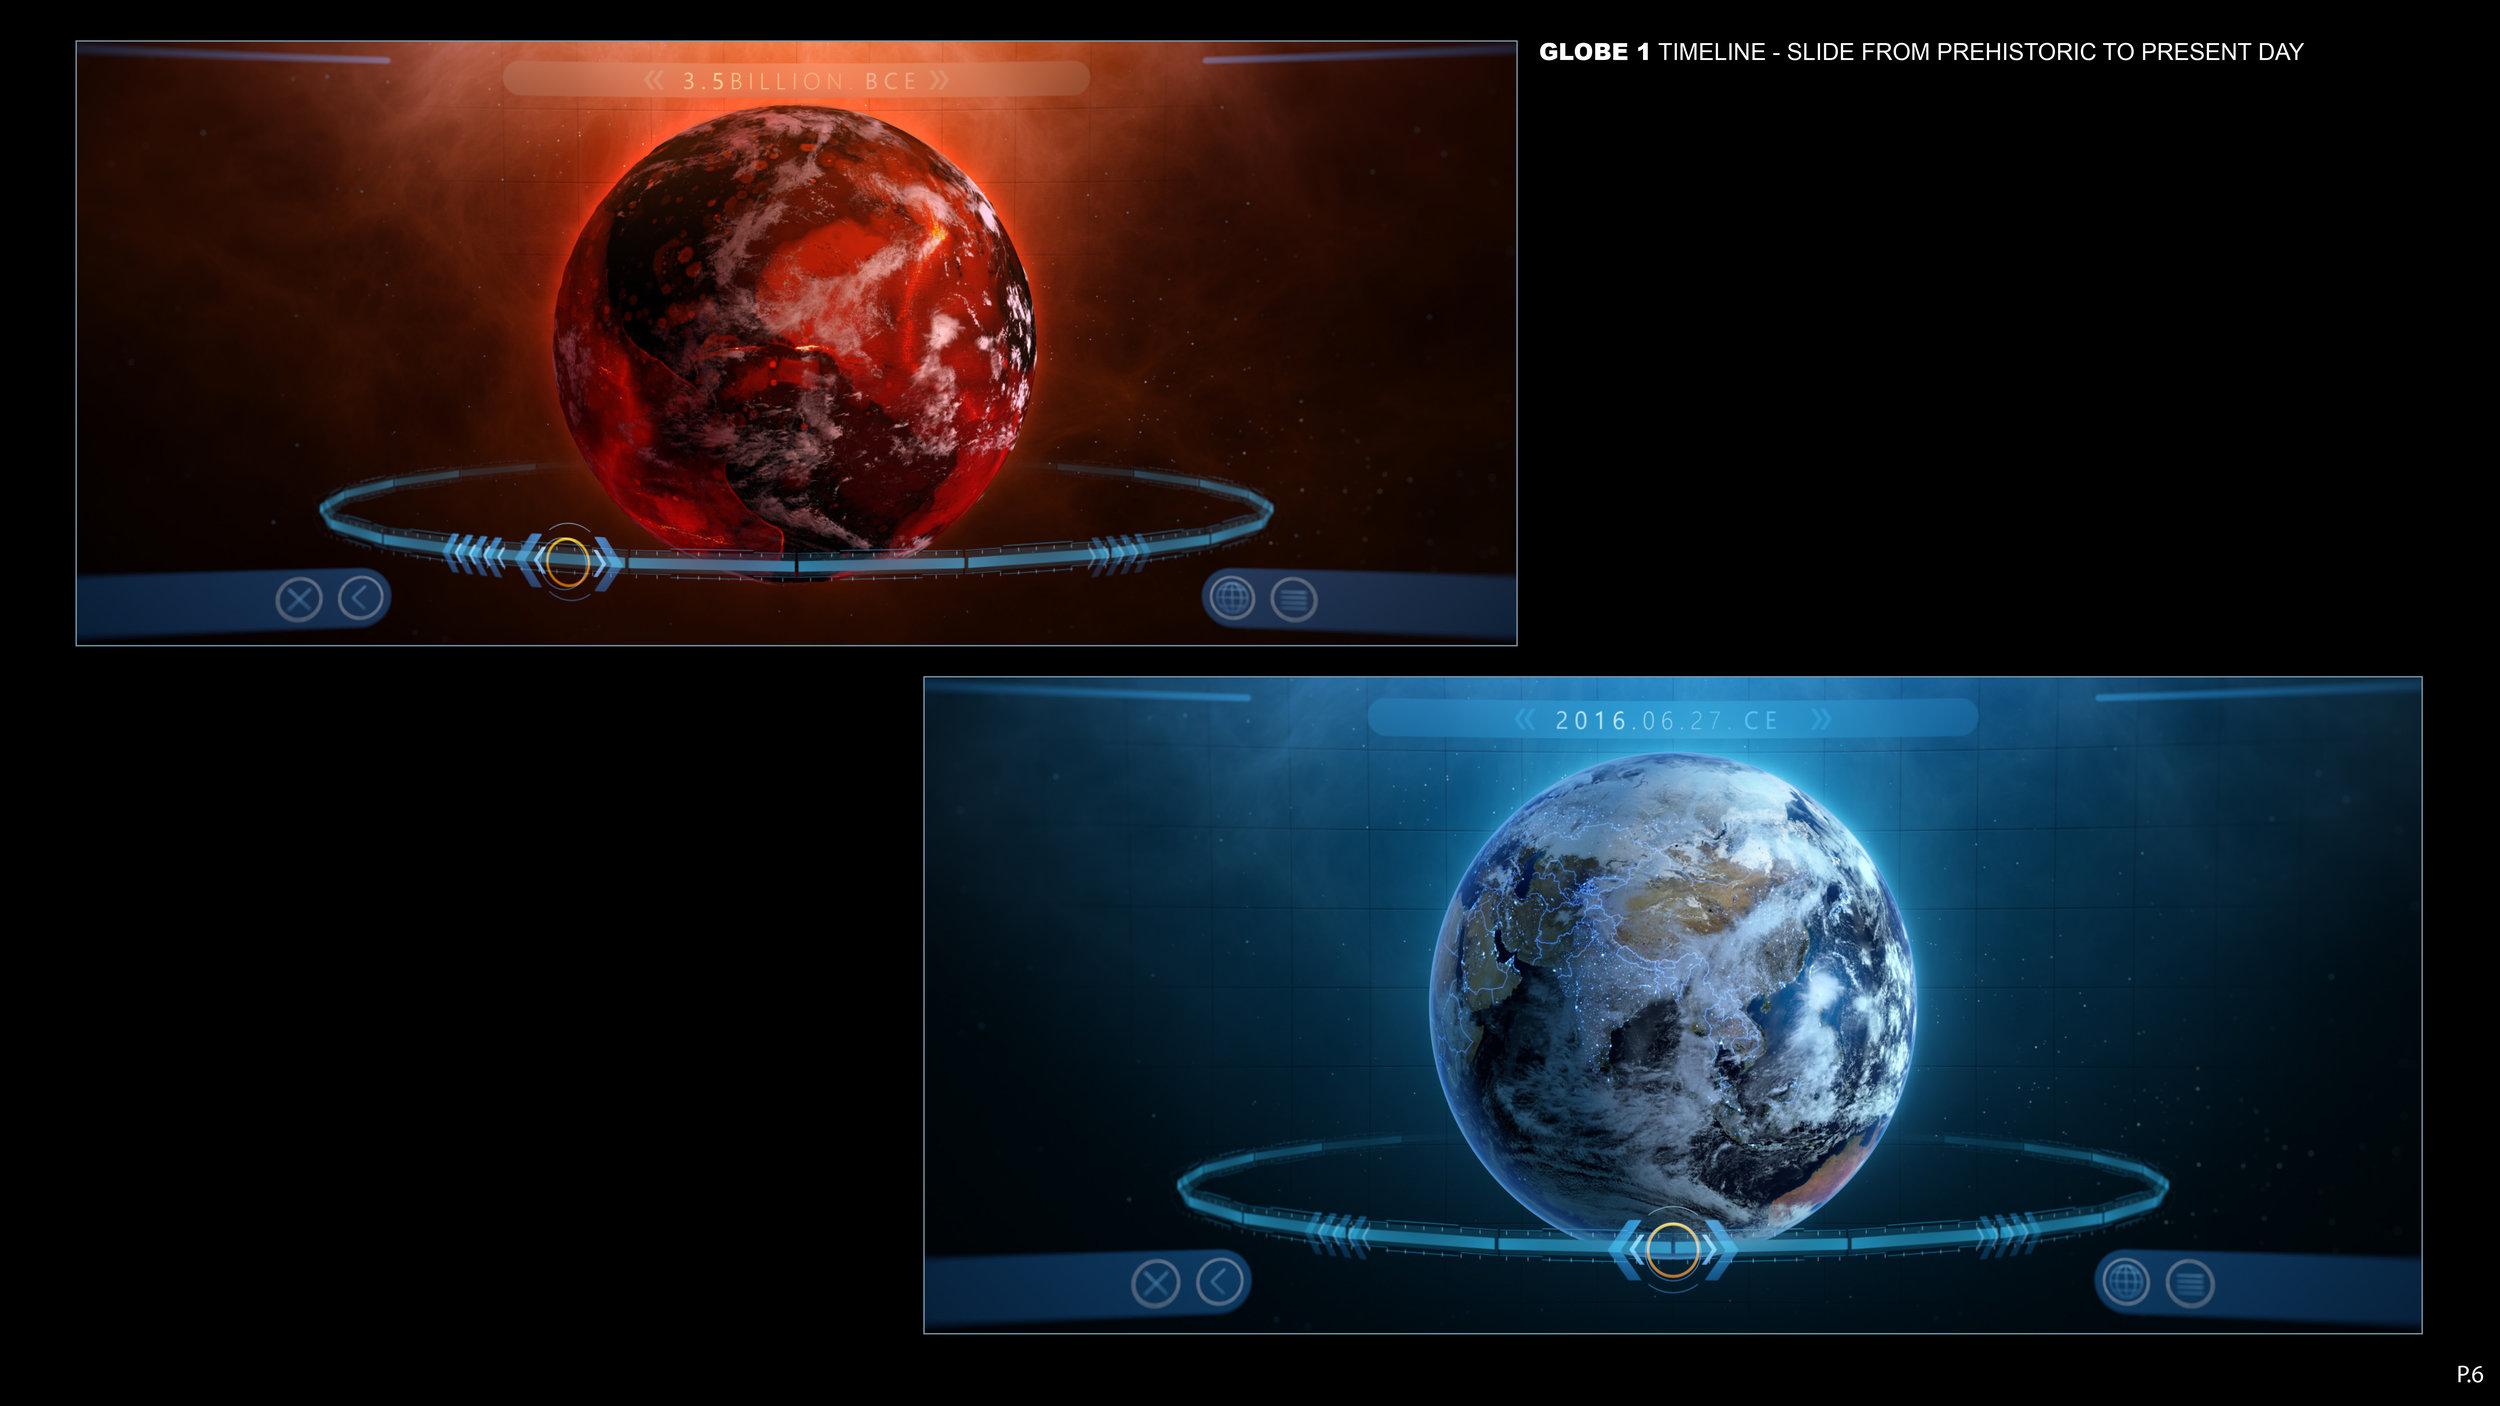 RFX_Oculus_GlobeVR_Concepts_v1_20160629-6.jpg